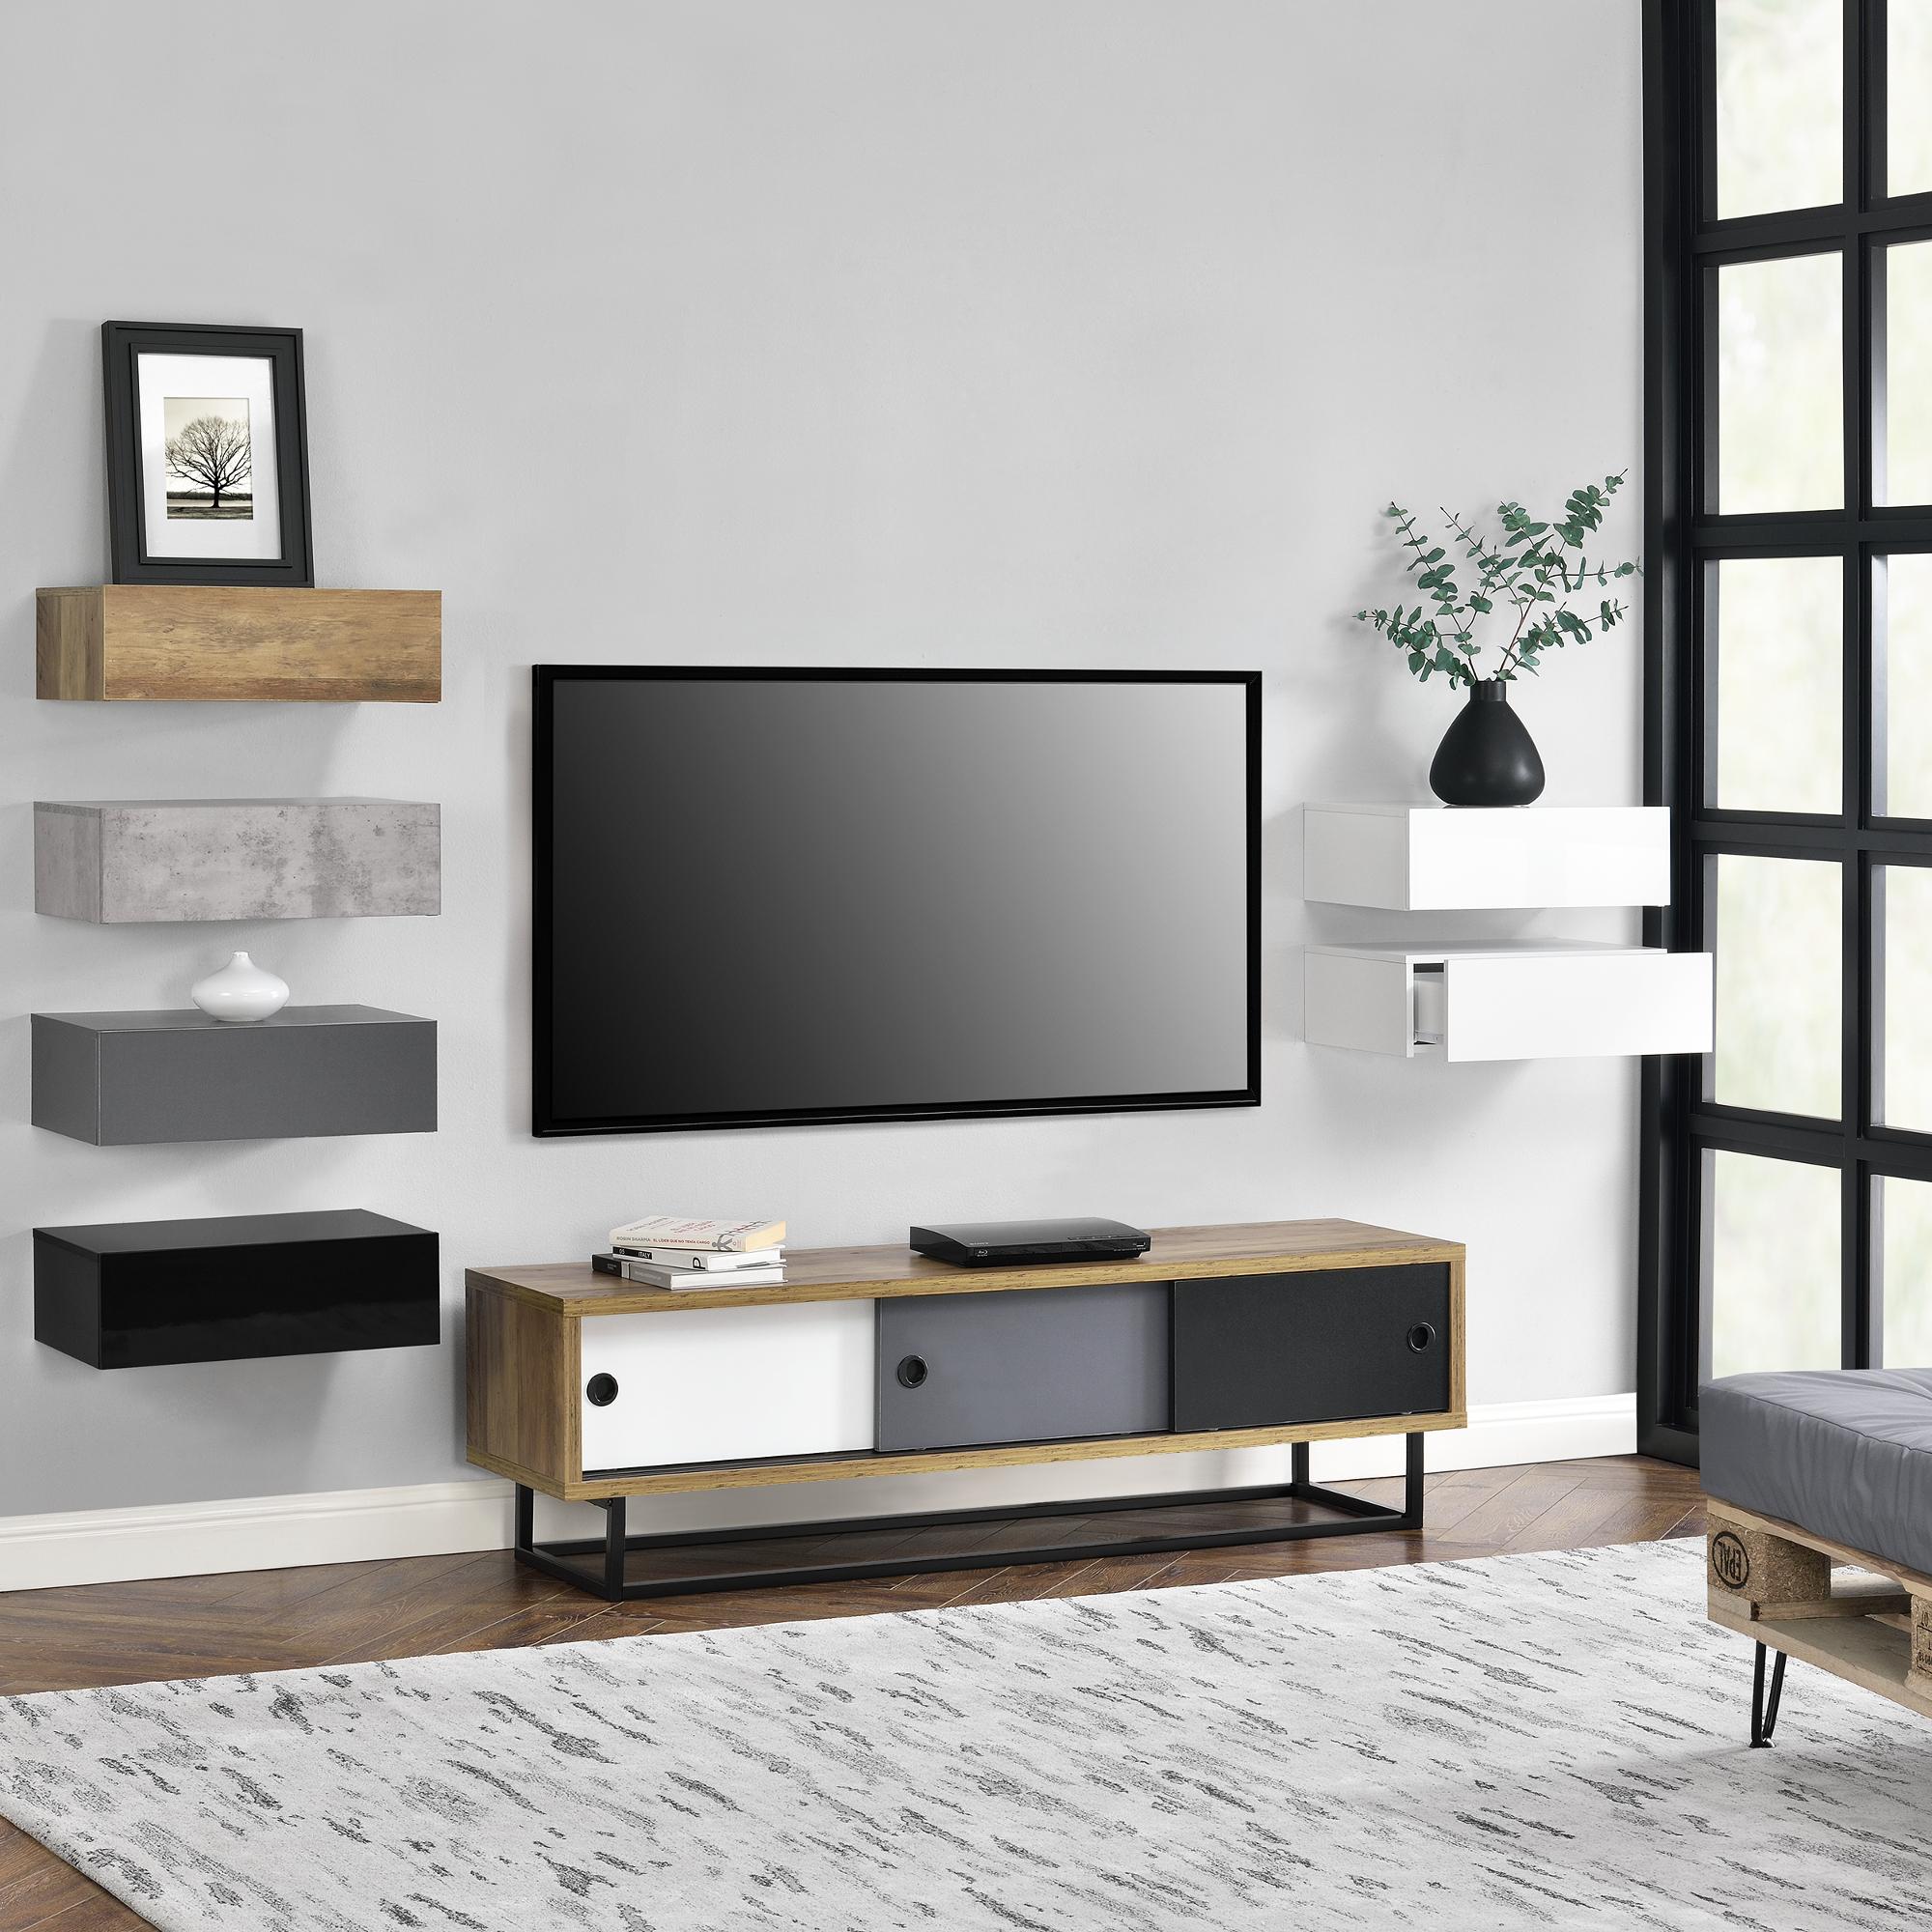 lowboard mit schiebet ren fernsehtisch kommode tv schrank sideboard 4251155588806 ebay. Black Bedroom Furniture Sets. Home Design Ideas